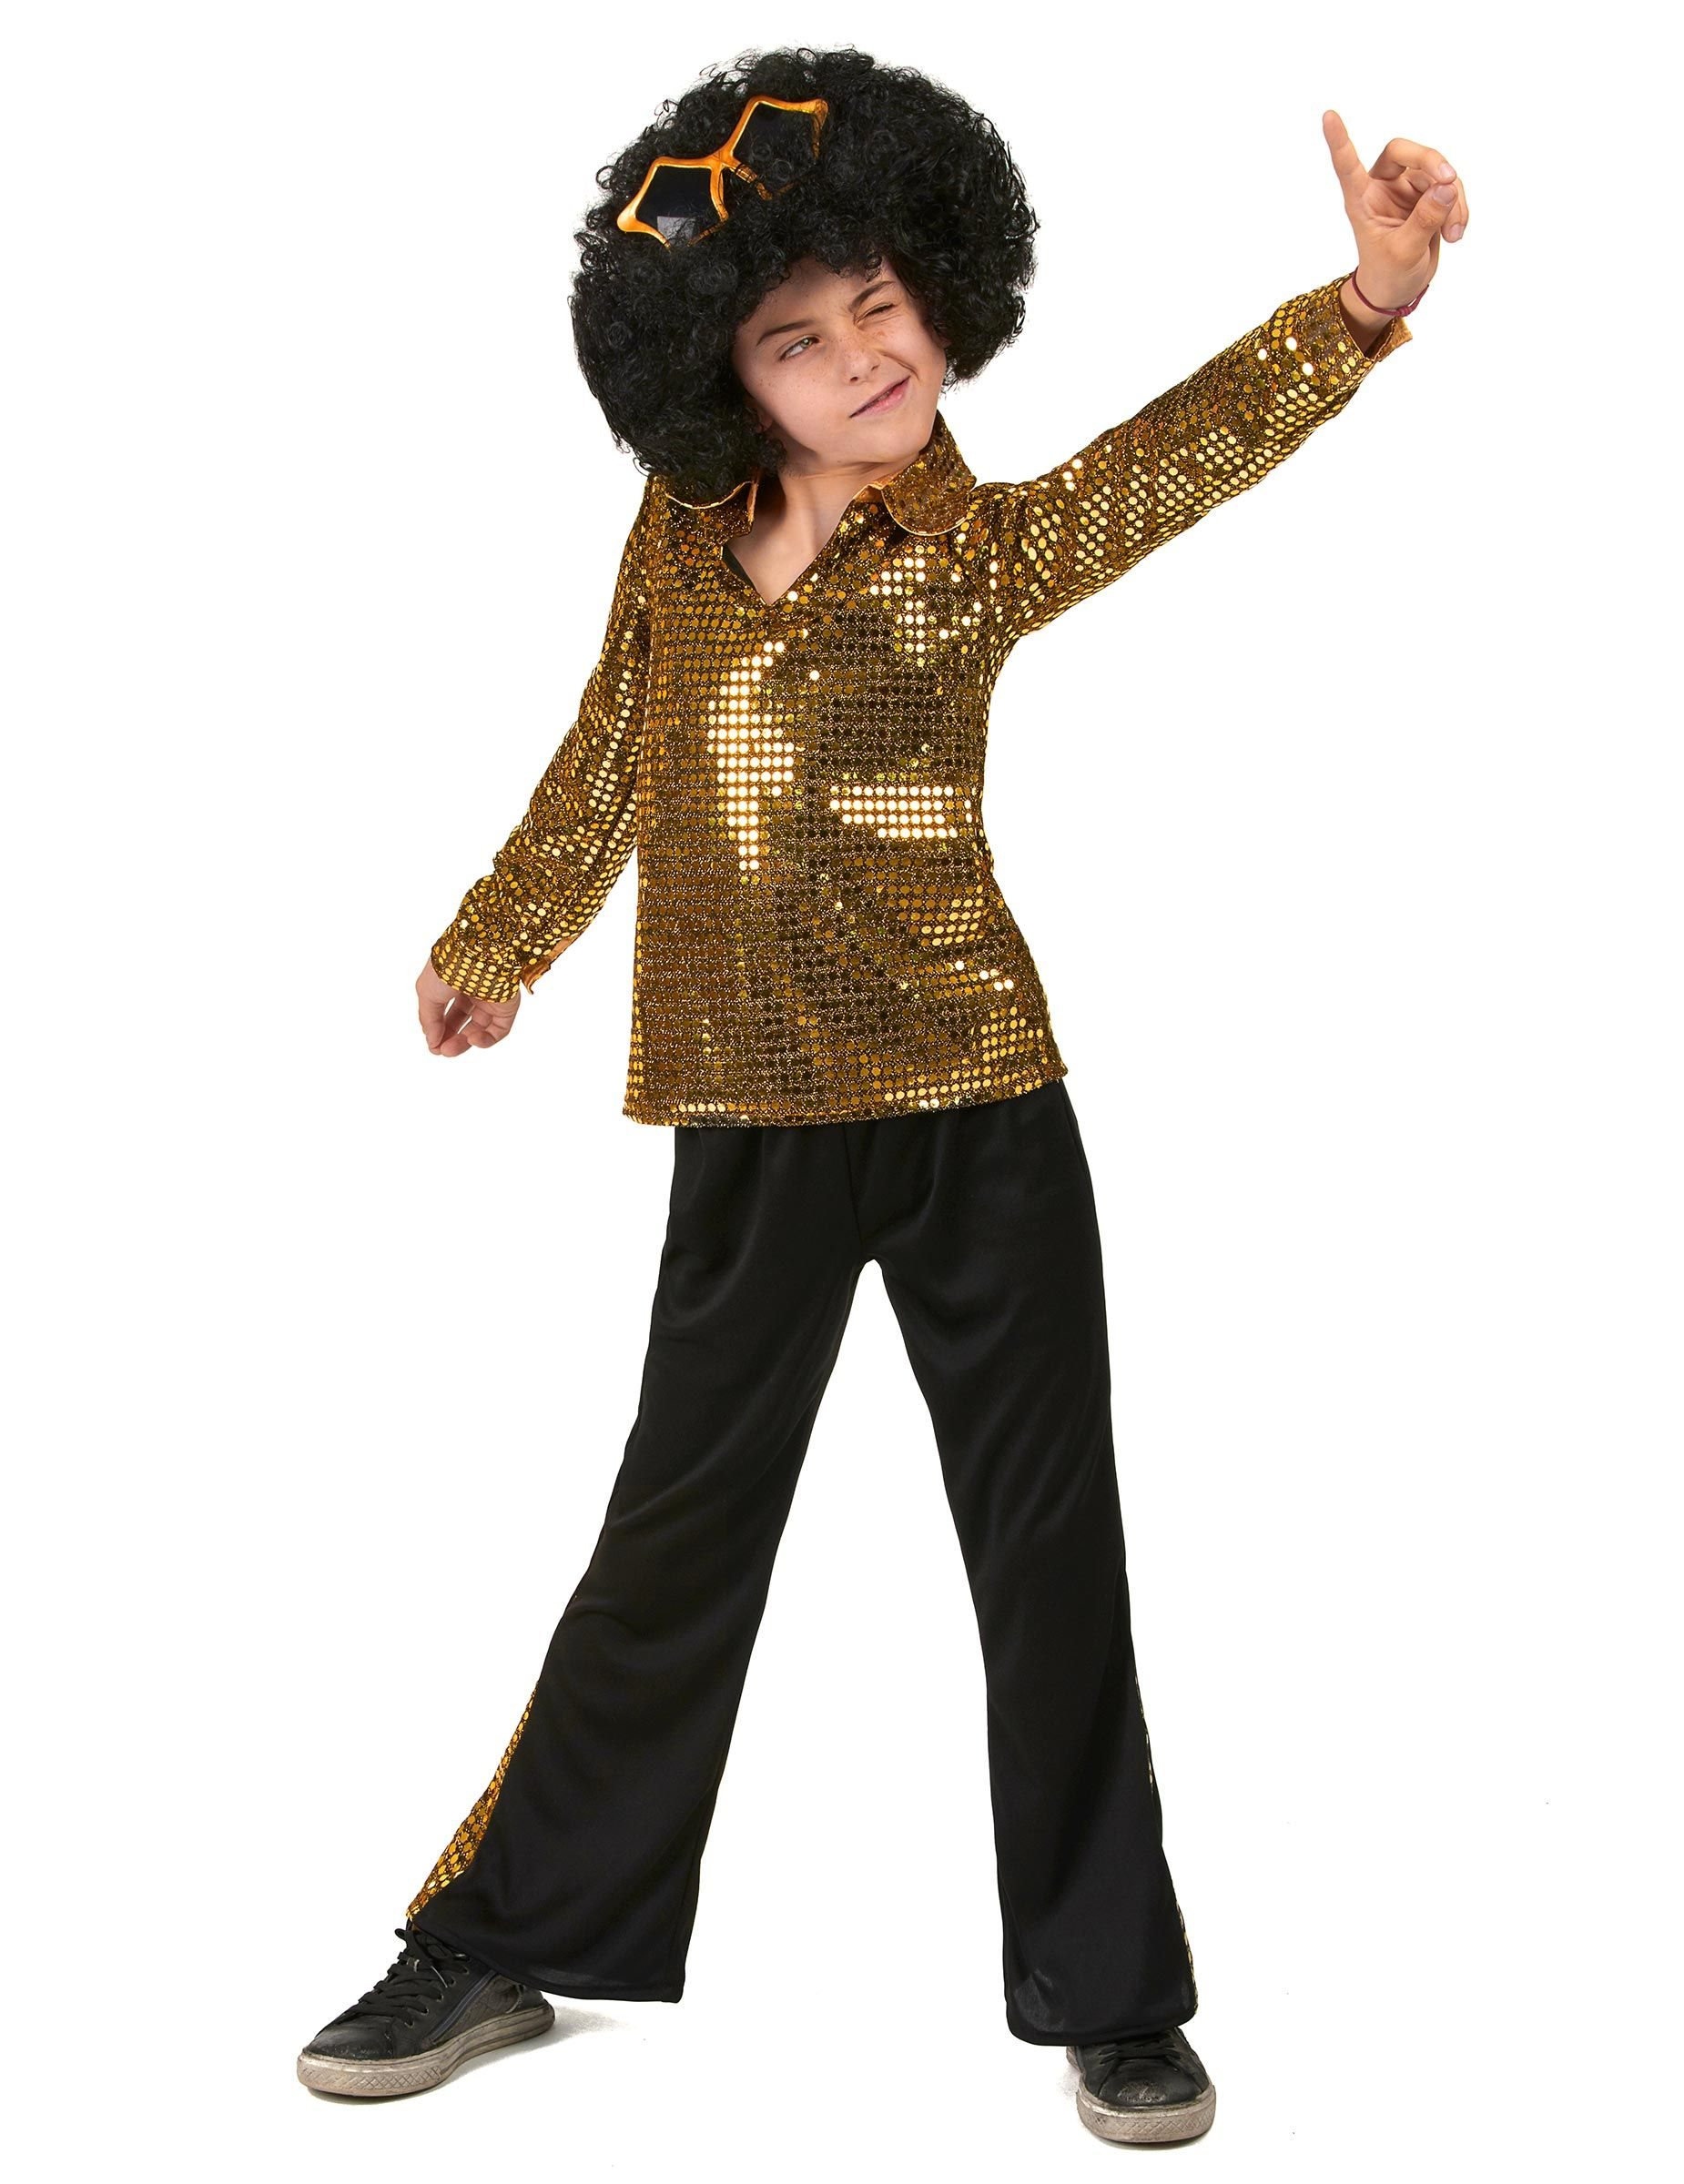 c7ffb44af38a1 Disfraz Disco Dorado niño   Este disfraz disco para niño incluye una  camiseta y un pantalón